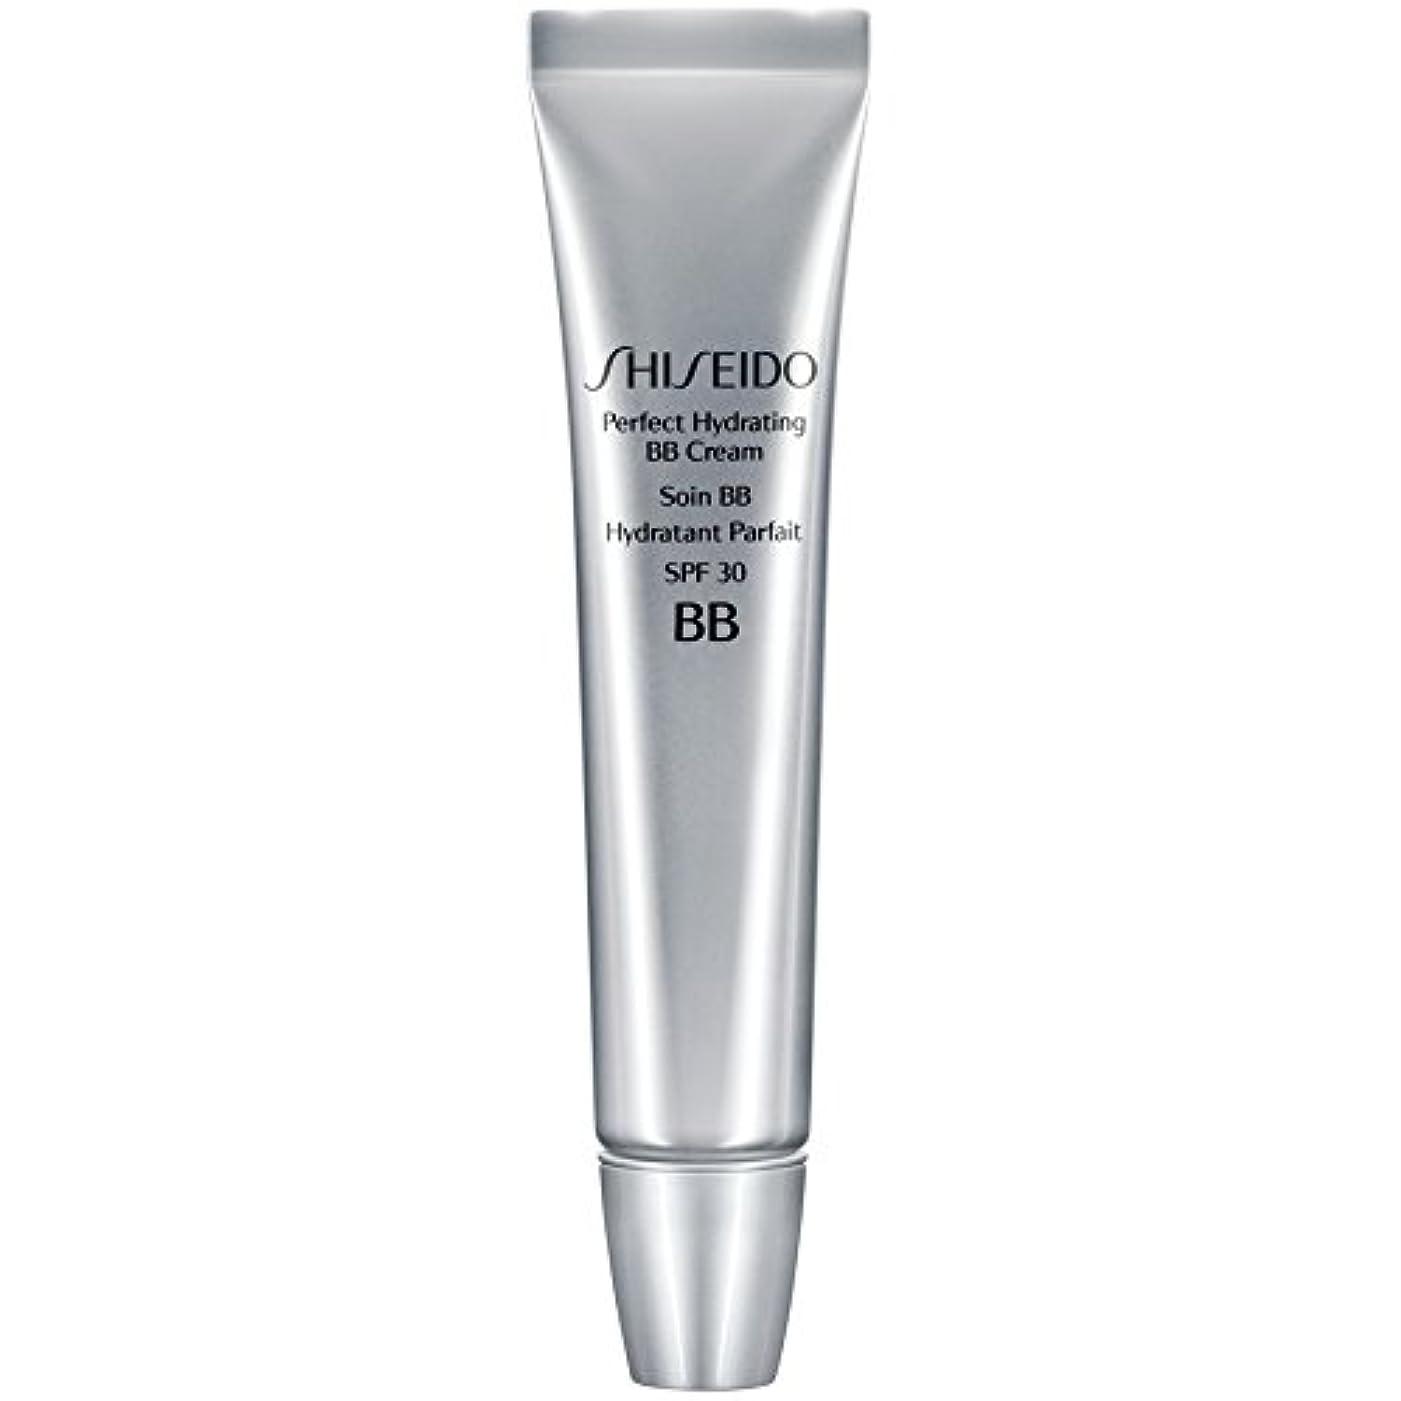 さびたスラム終点[Shiseido ] 資生堂完璧な水和BbクリームSpf 30 30ミリリットル媒体 - Shiseido Perfect Hydrating BB Cream SPF 30 30ml Medium [並行輸入品]